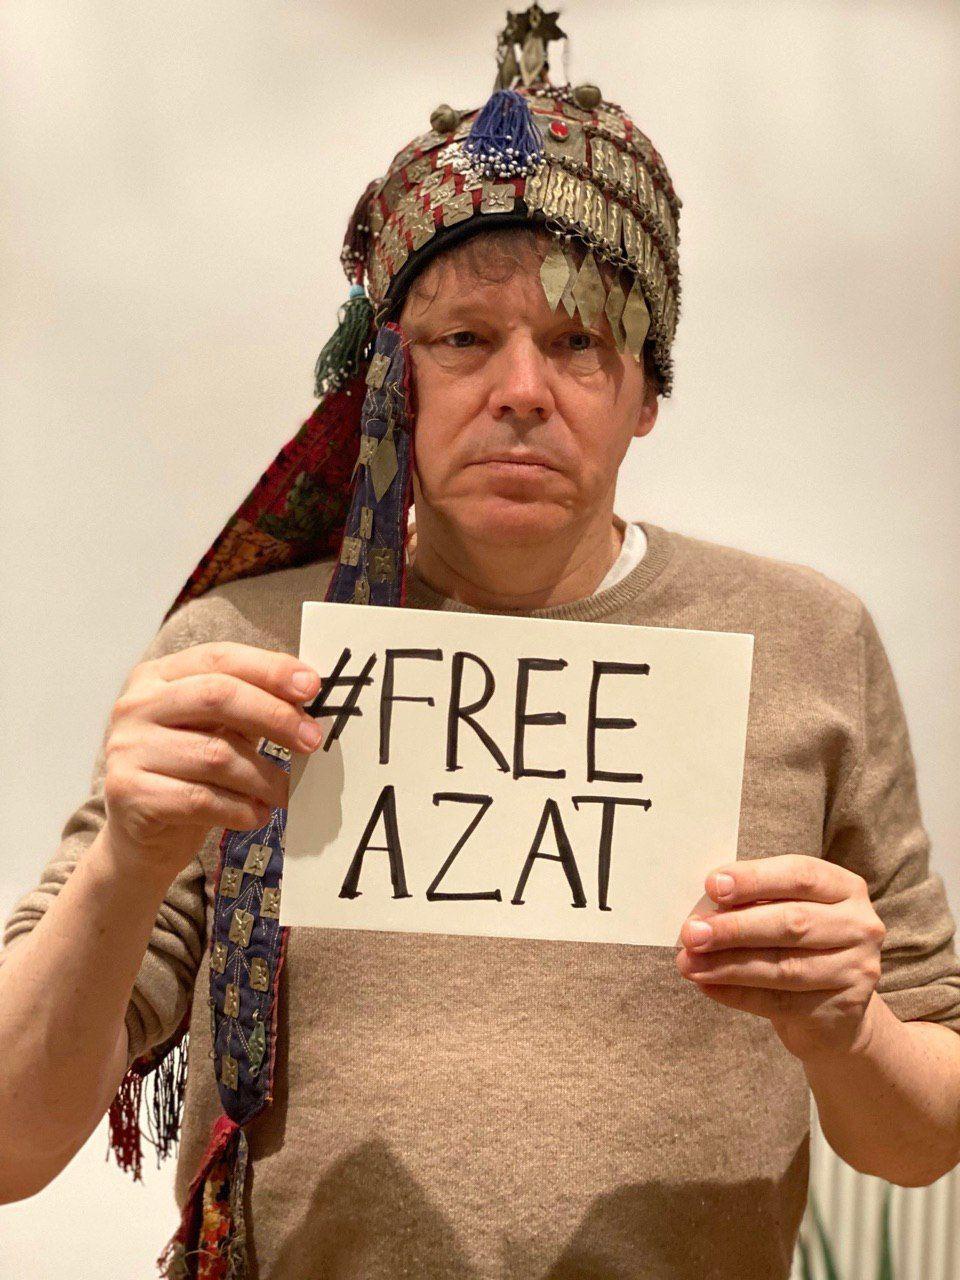 Антрополог Дэвид Грэбер (1961–2020) в поддержку Азата. Фото из группы в «Фейсбуке» FreeAzat, март 2020 года